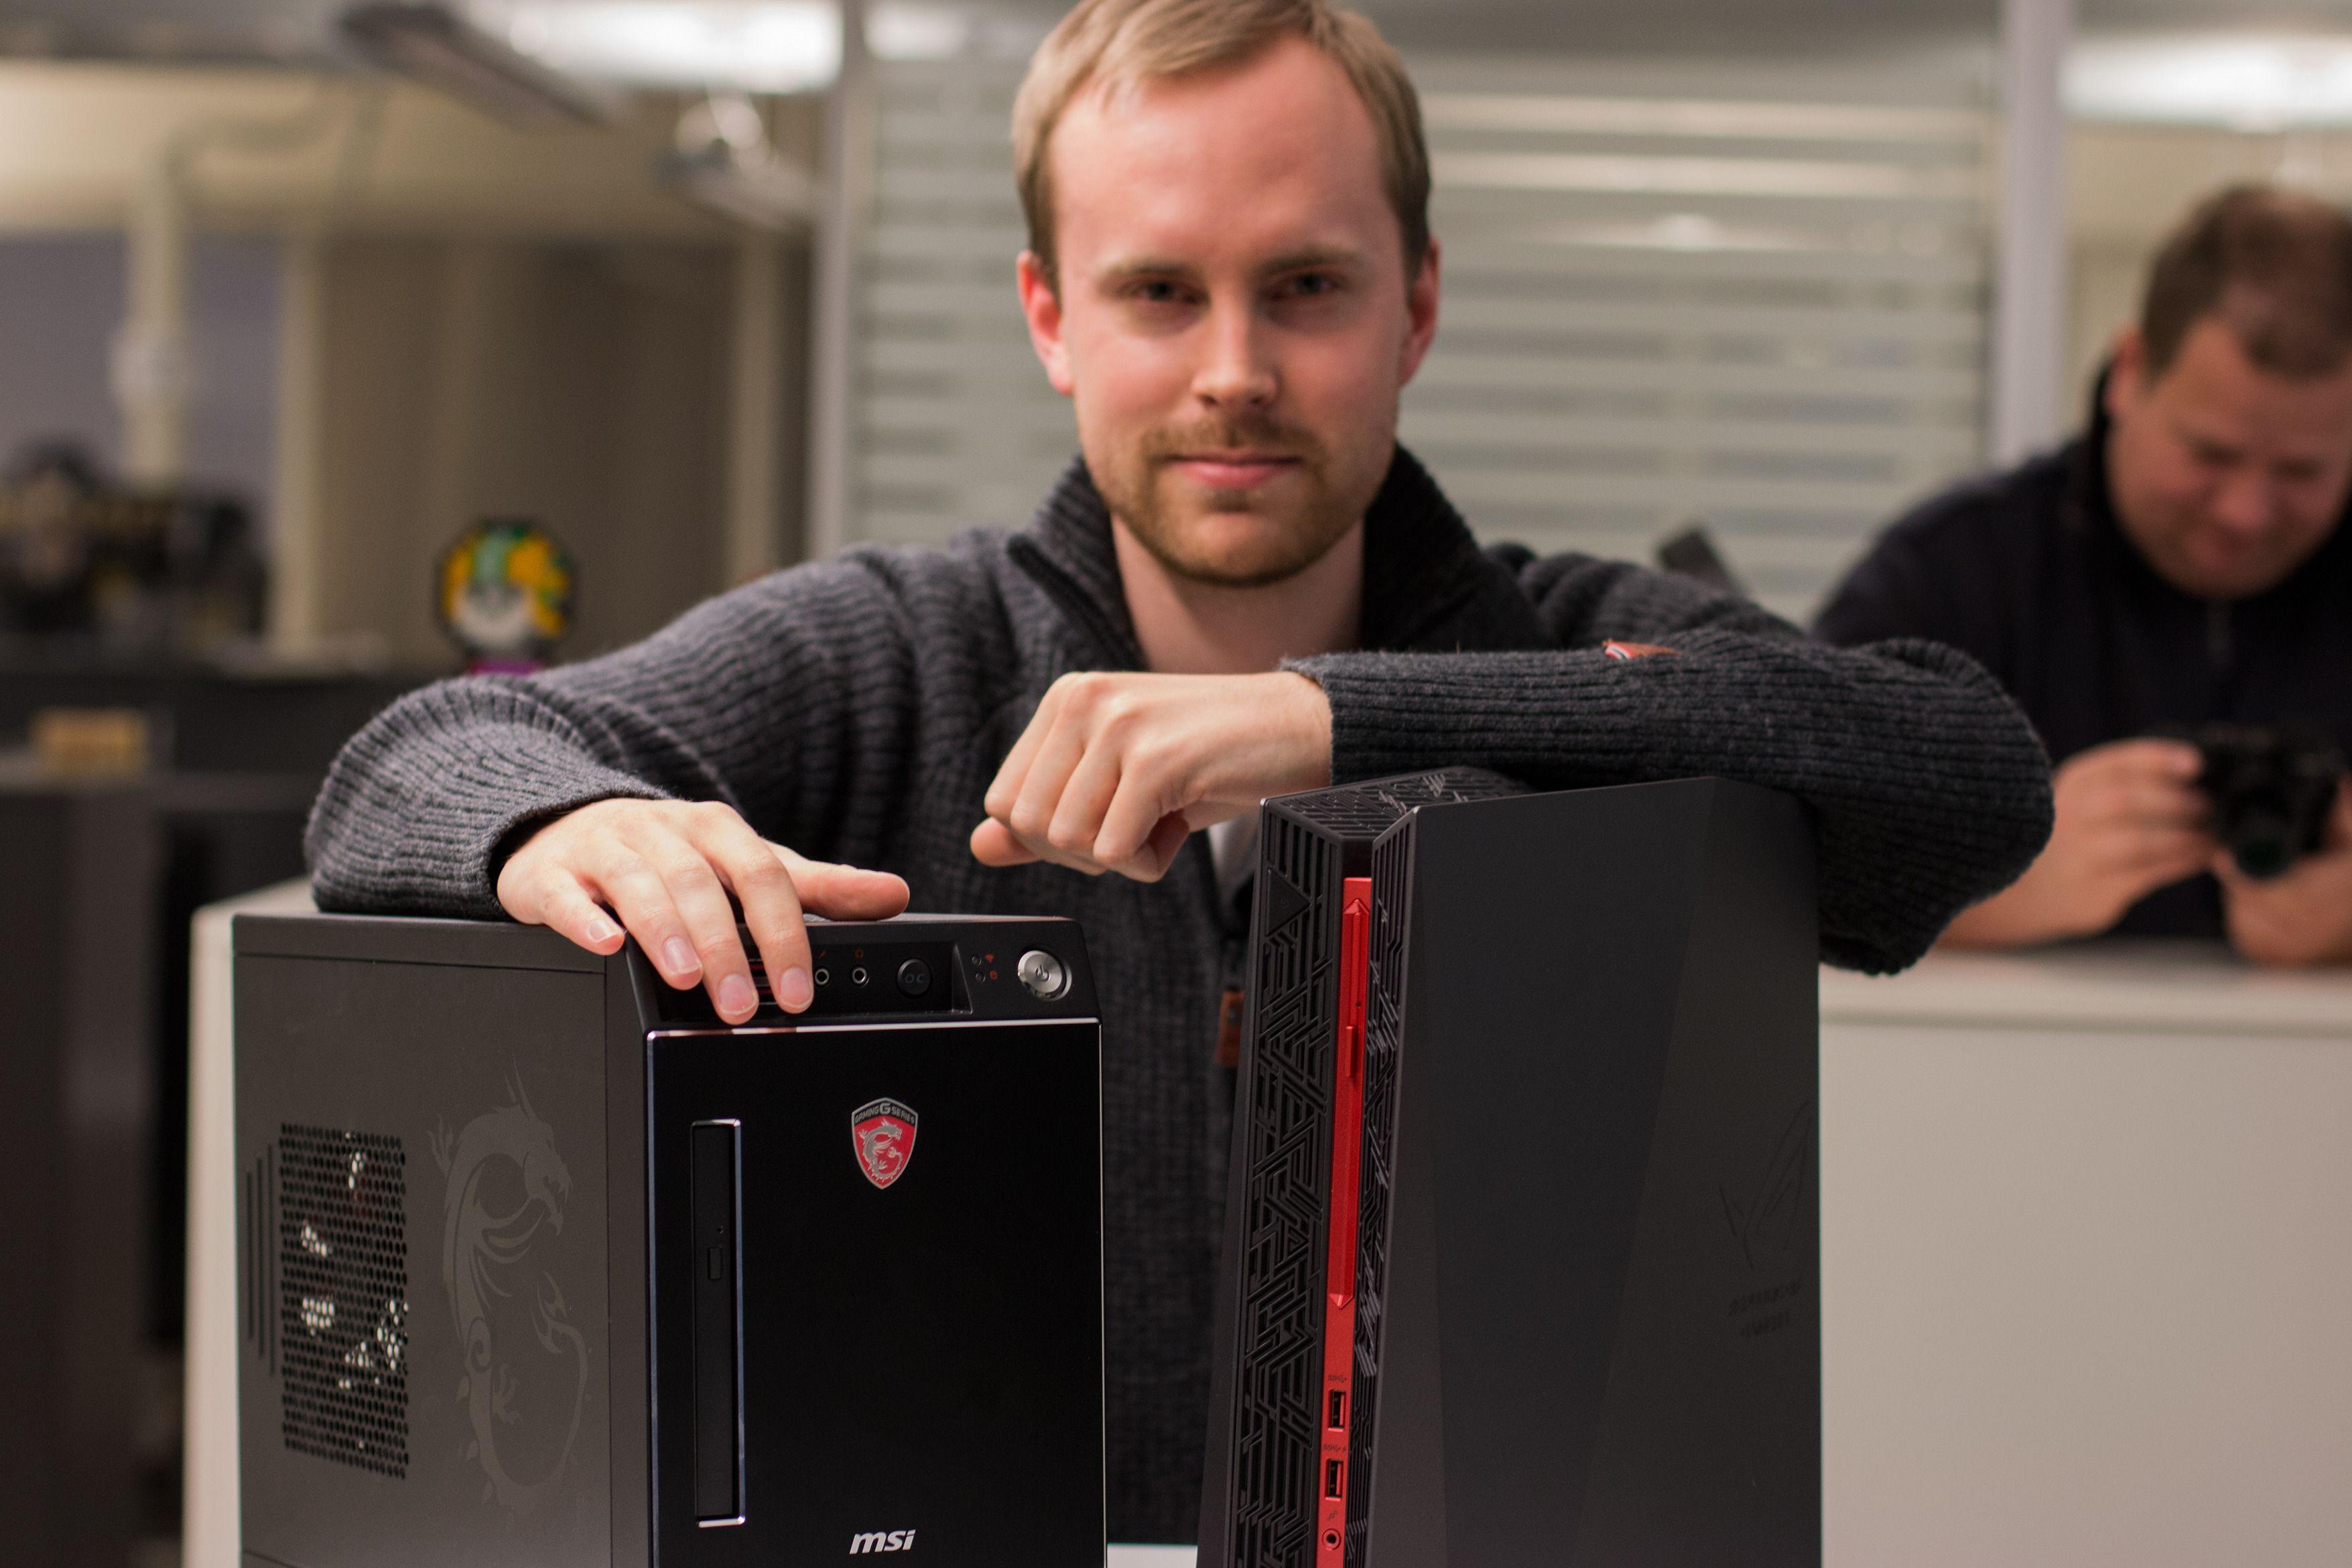 Vi hentet inn to plasseringsvennlige og kraftige spillmaskiner til test. Hvilken av MSI Nightblade X2 og Asus ROG G20CB som passer deg best skal vi forsøke å gi svar på over de to neste sidene.